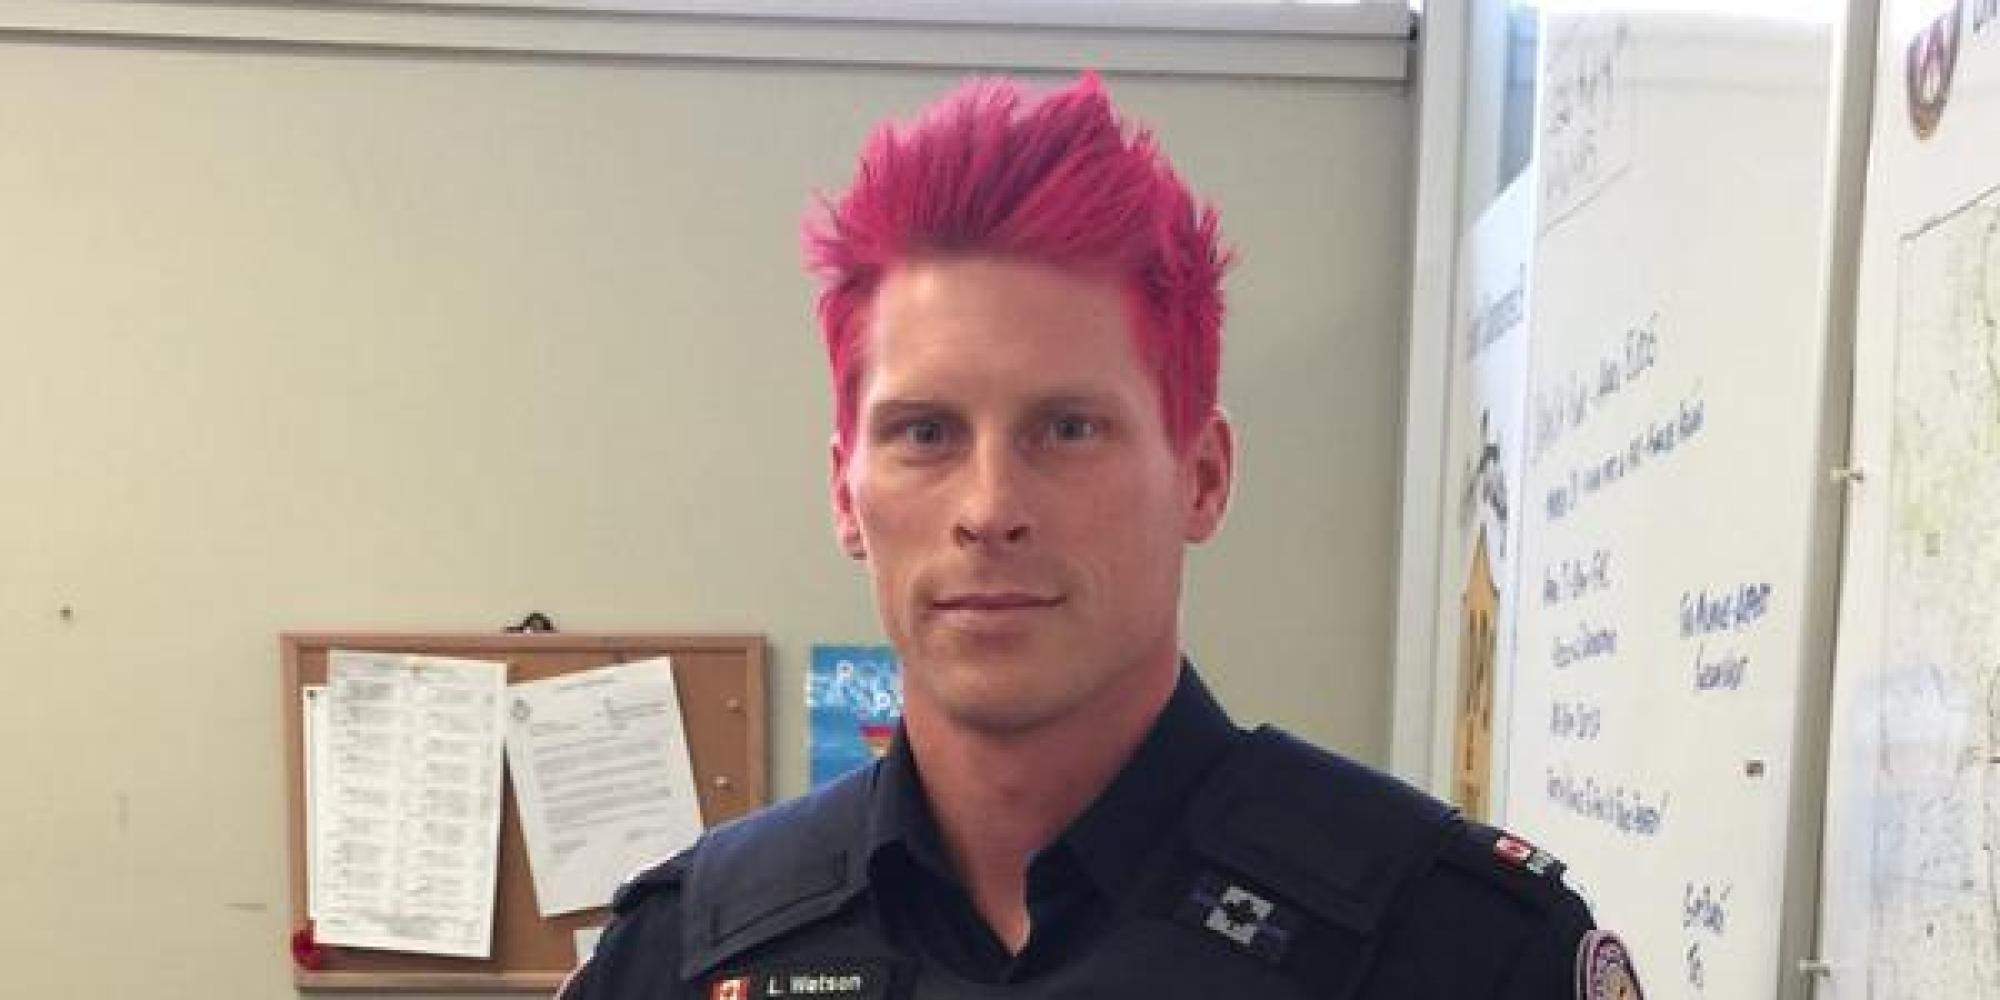 Toronto Cop Luke Watson Dyes His Hair Pink To Combat